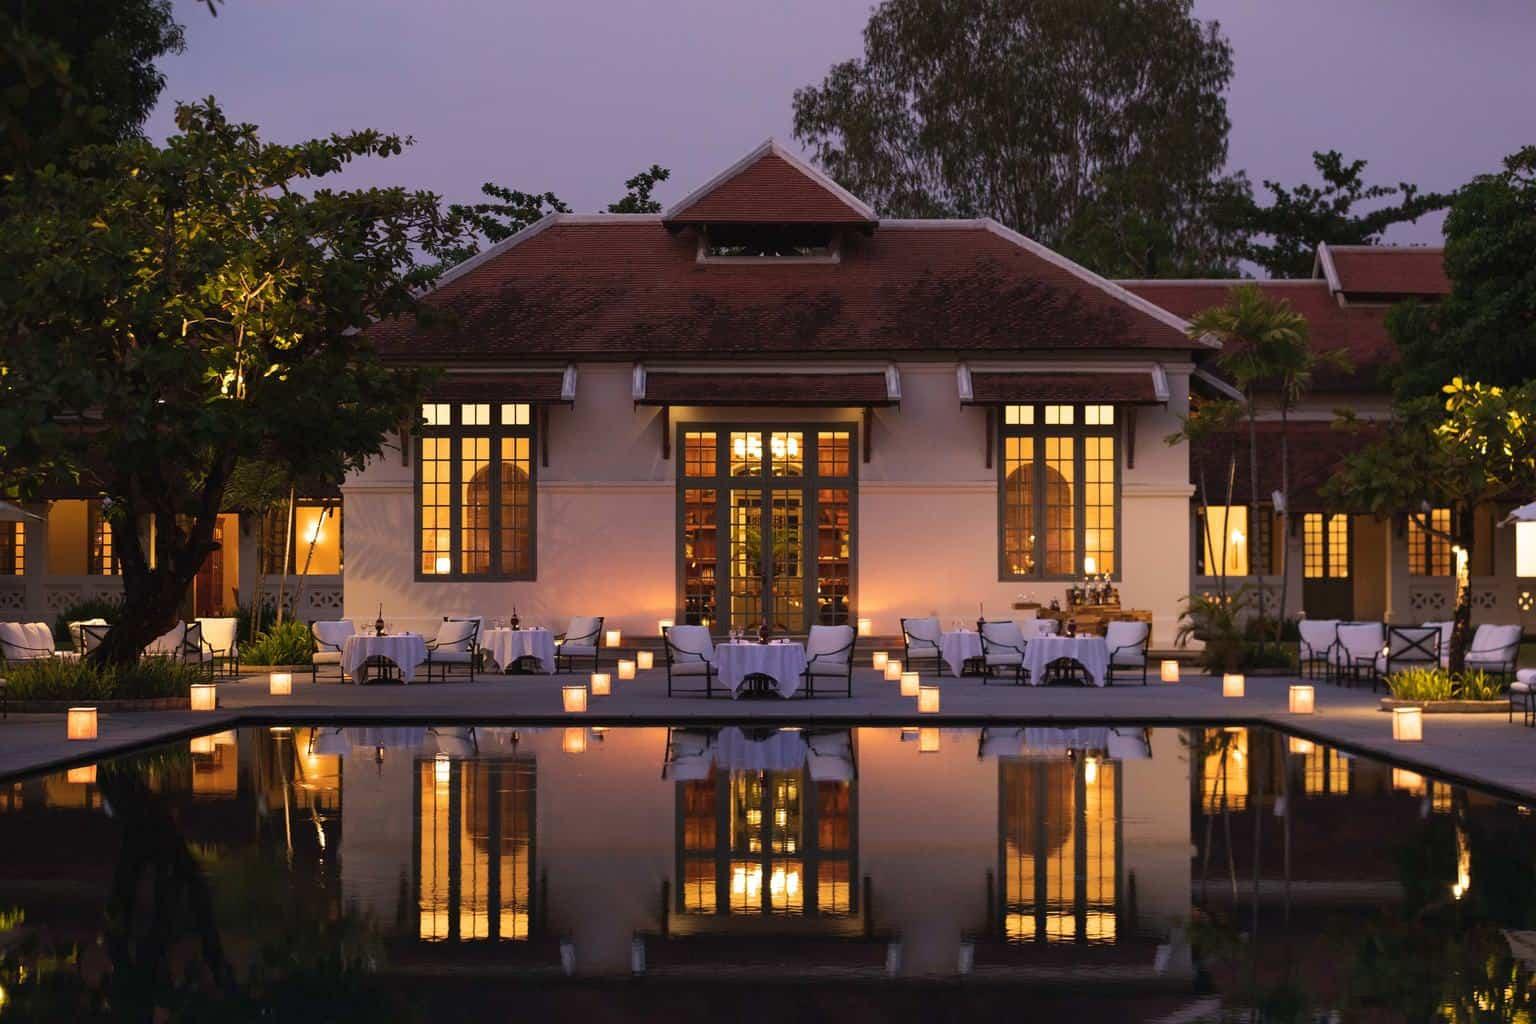 As-instalações-do-Amantaka-ostentam-o-charme-típico-de-Laos-com-um-design-influenciado-pelo-estilo-colonial-que-emana-elegância-e-transmite-sensação-de-tranquilidade.